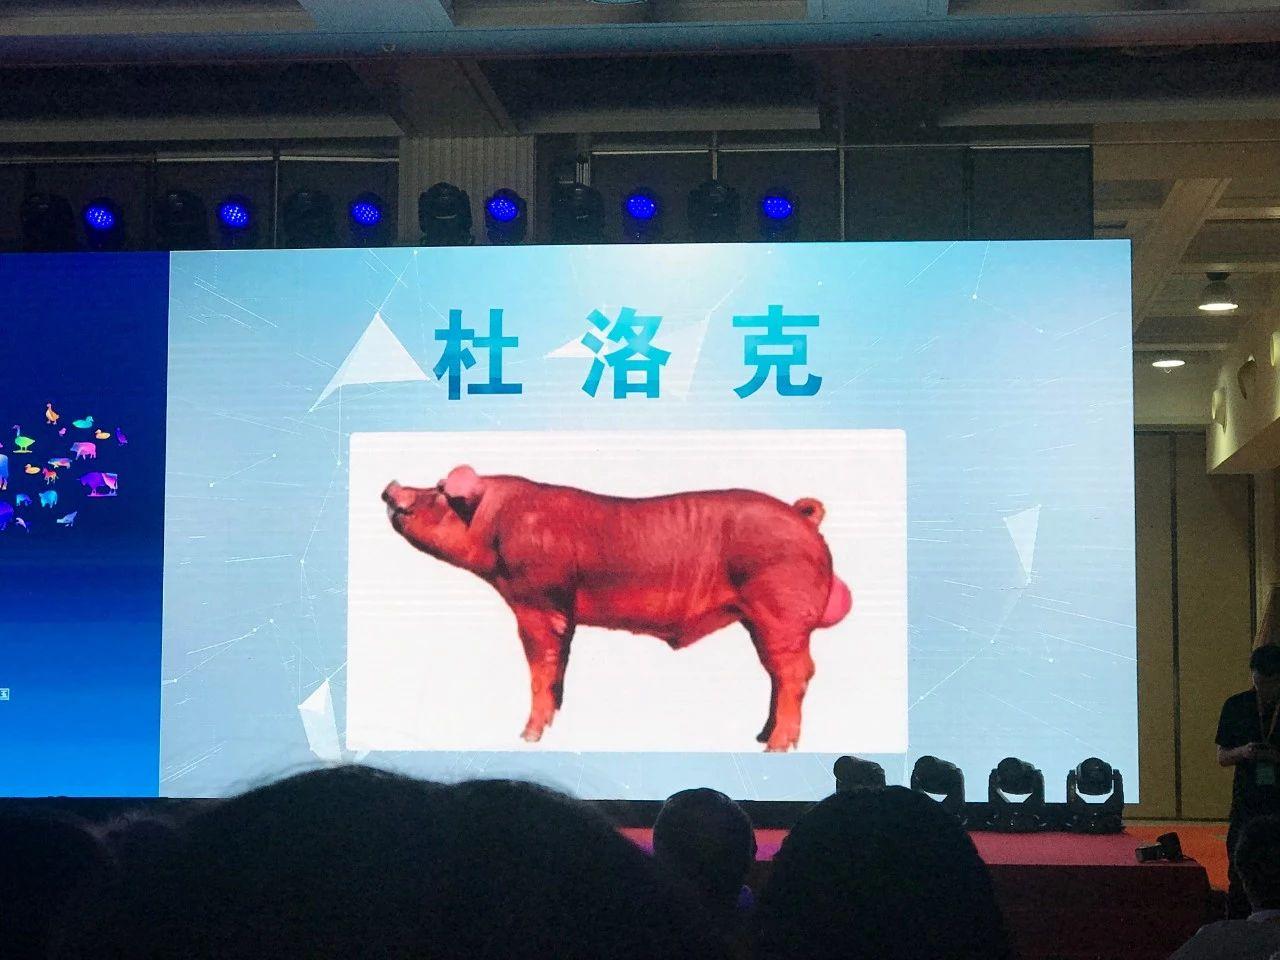 【直播回顾】超3万人参与的线上养猪课堂,到底讲了啥?